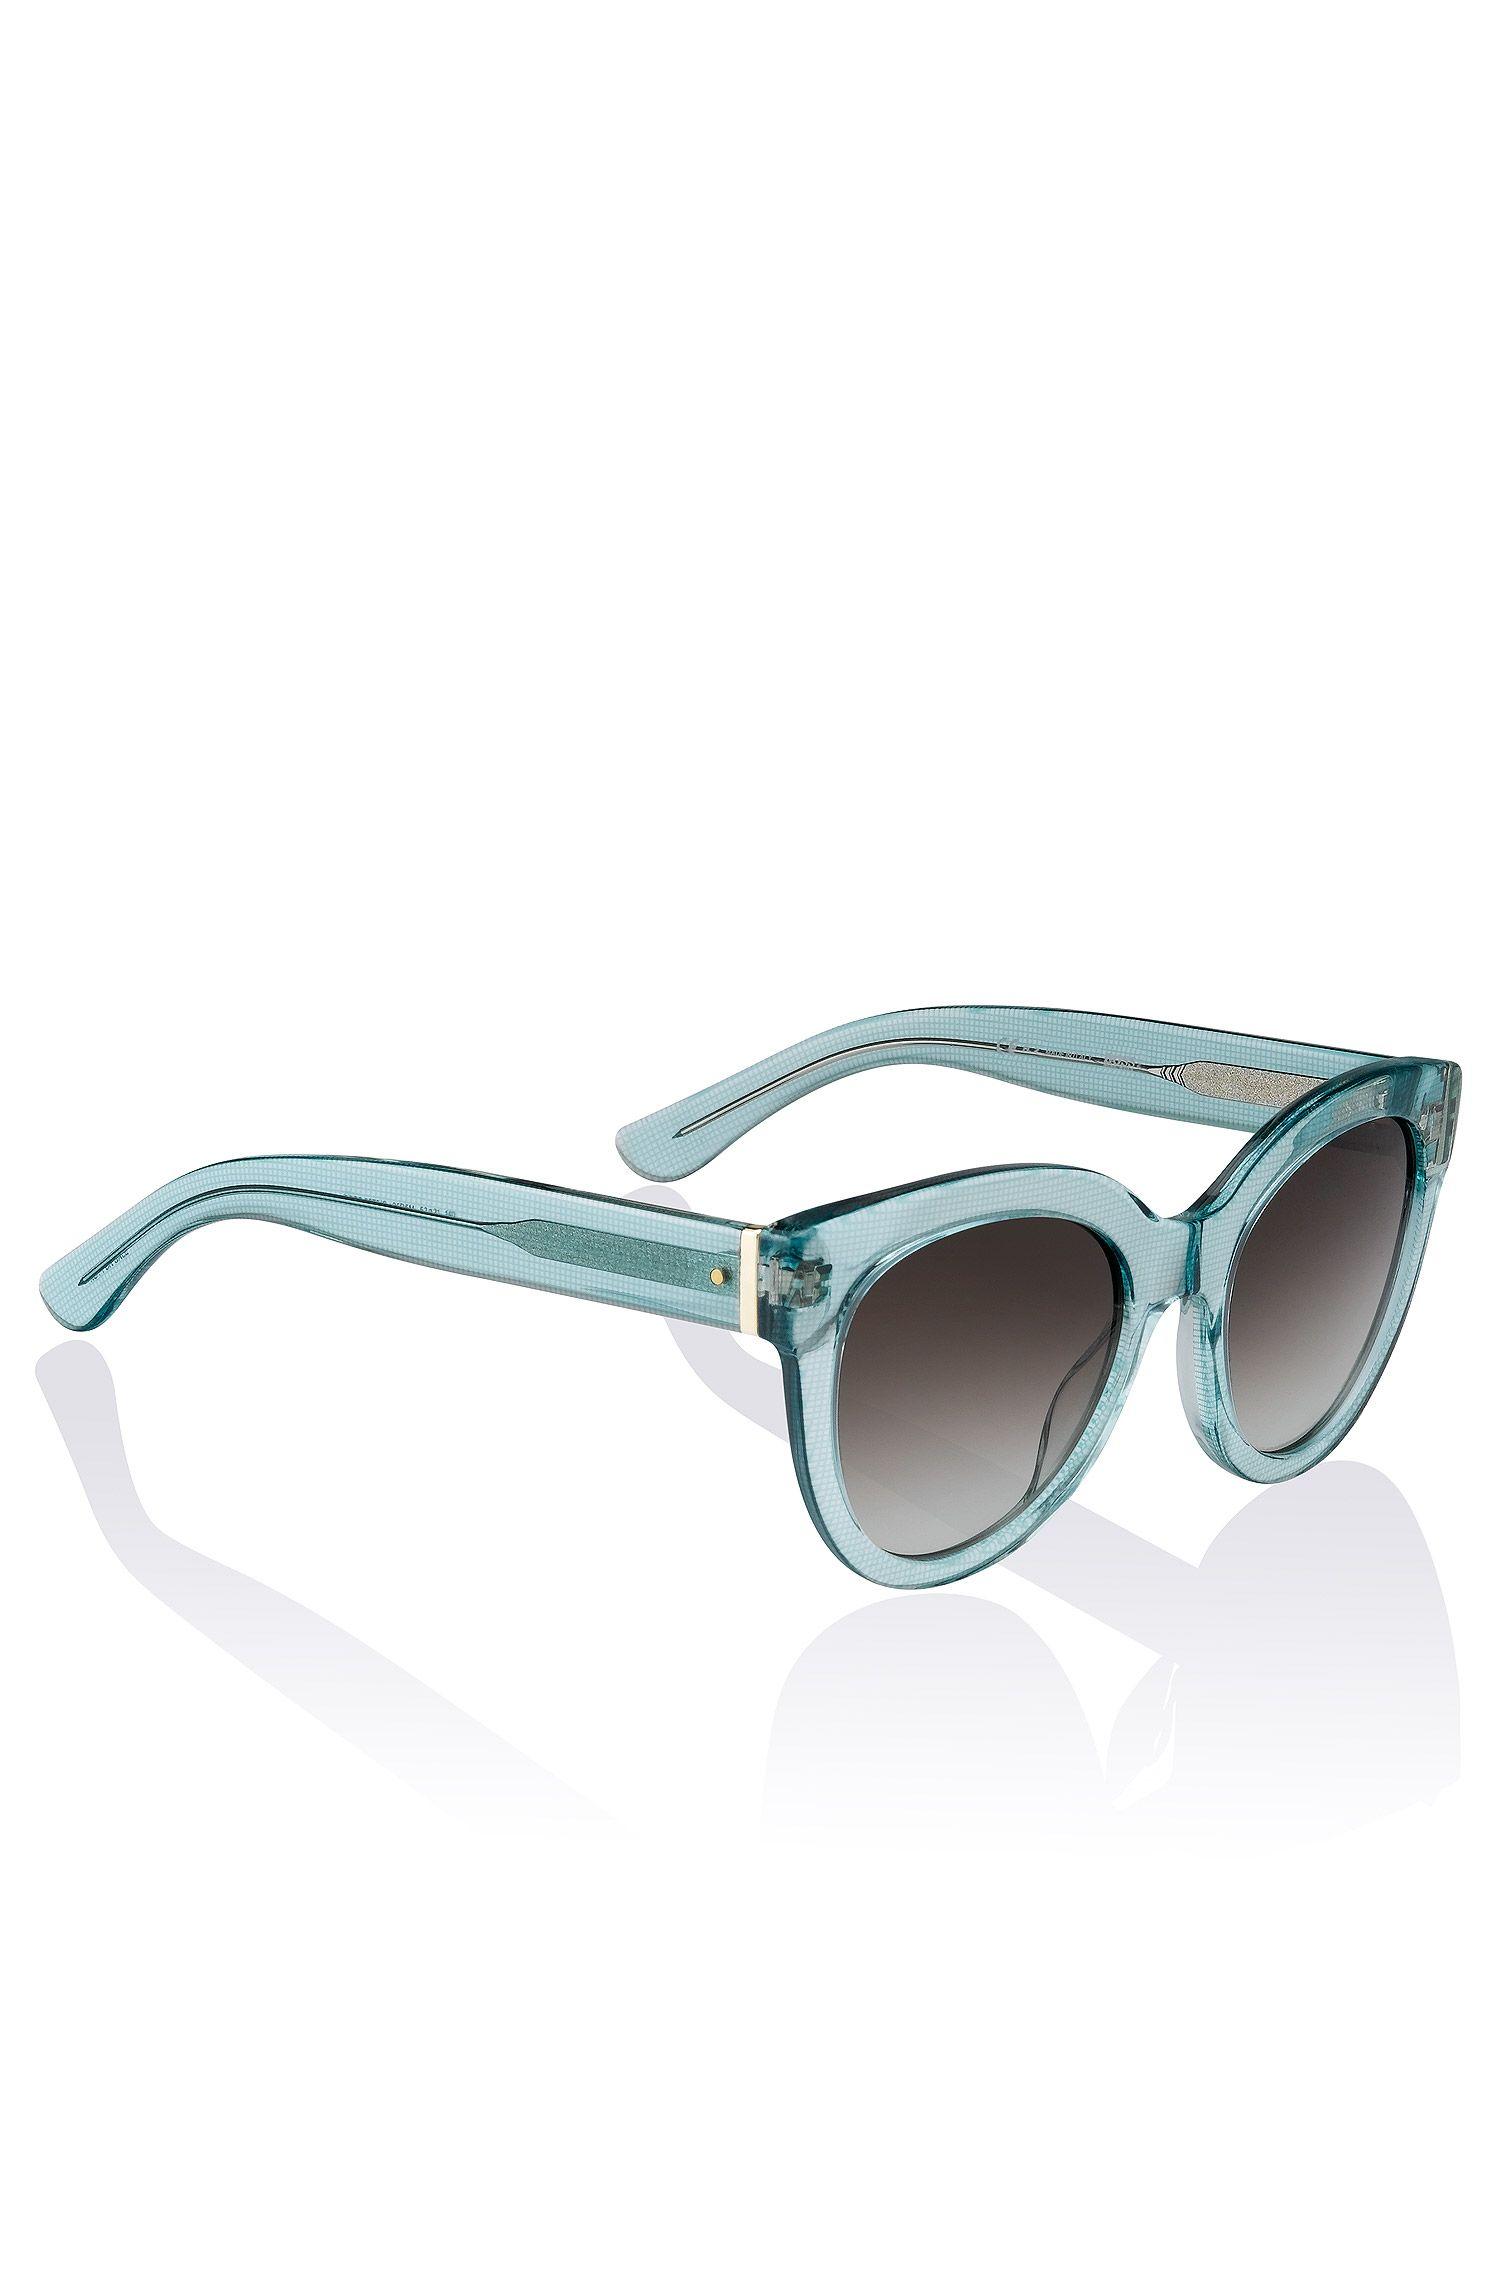 Gafas de sol 'BOSS 0675' en acetato y metal